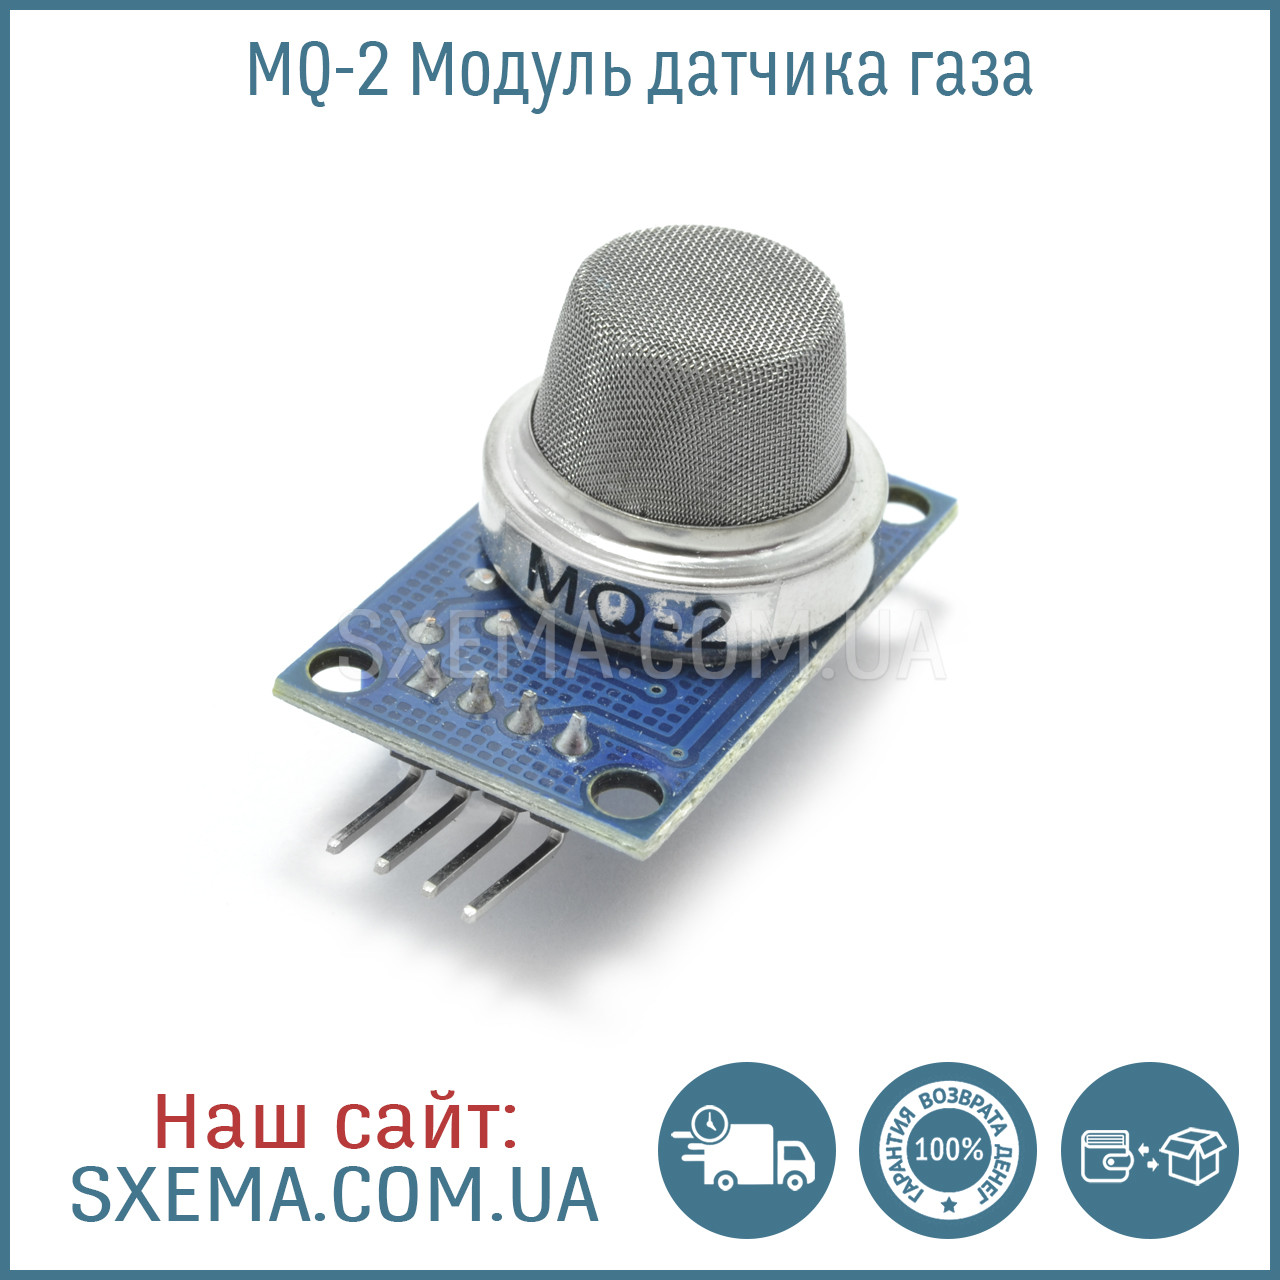 Модуль датчика газа MQ-2  спирт, водород, бутан, пропан, метан, сигаретный дым